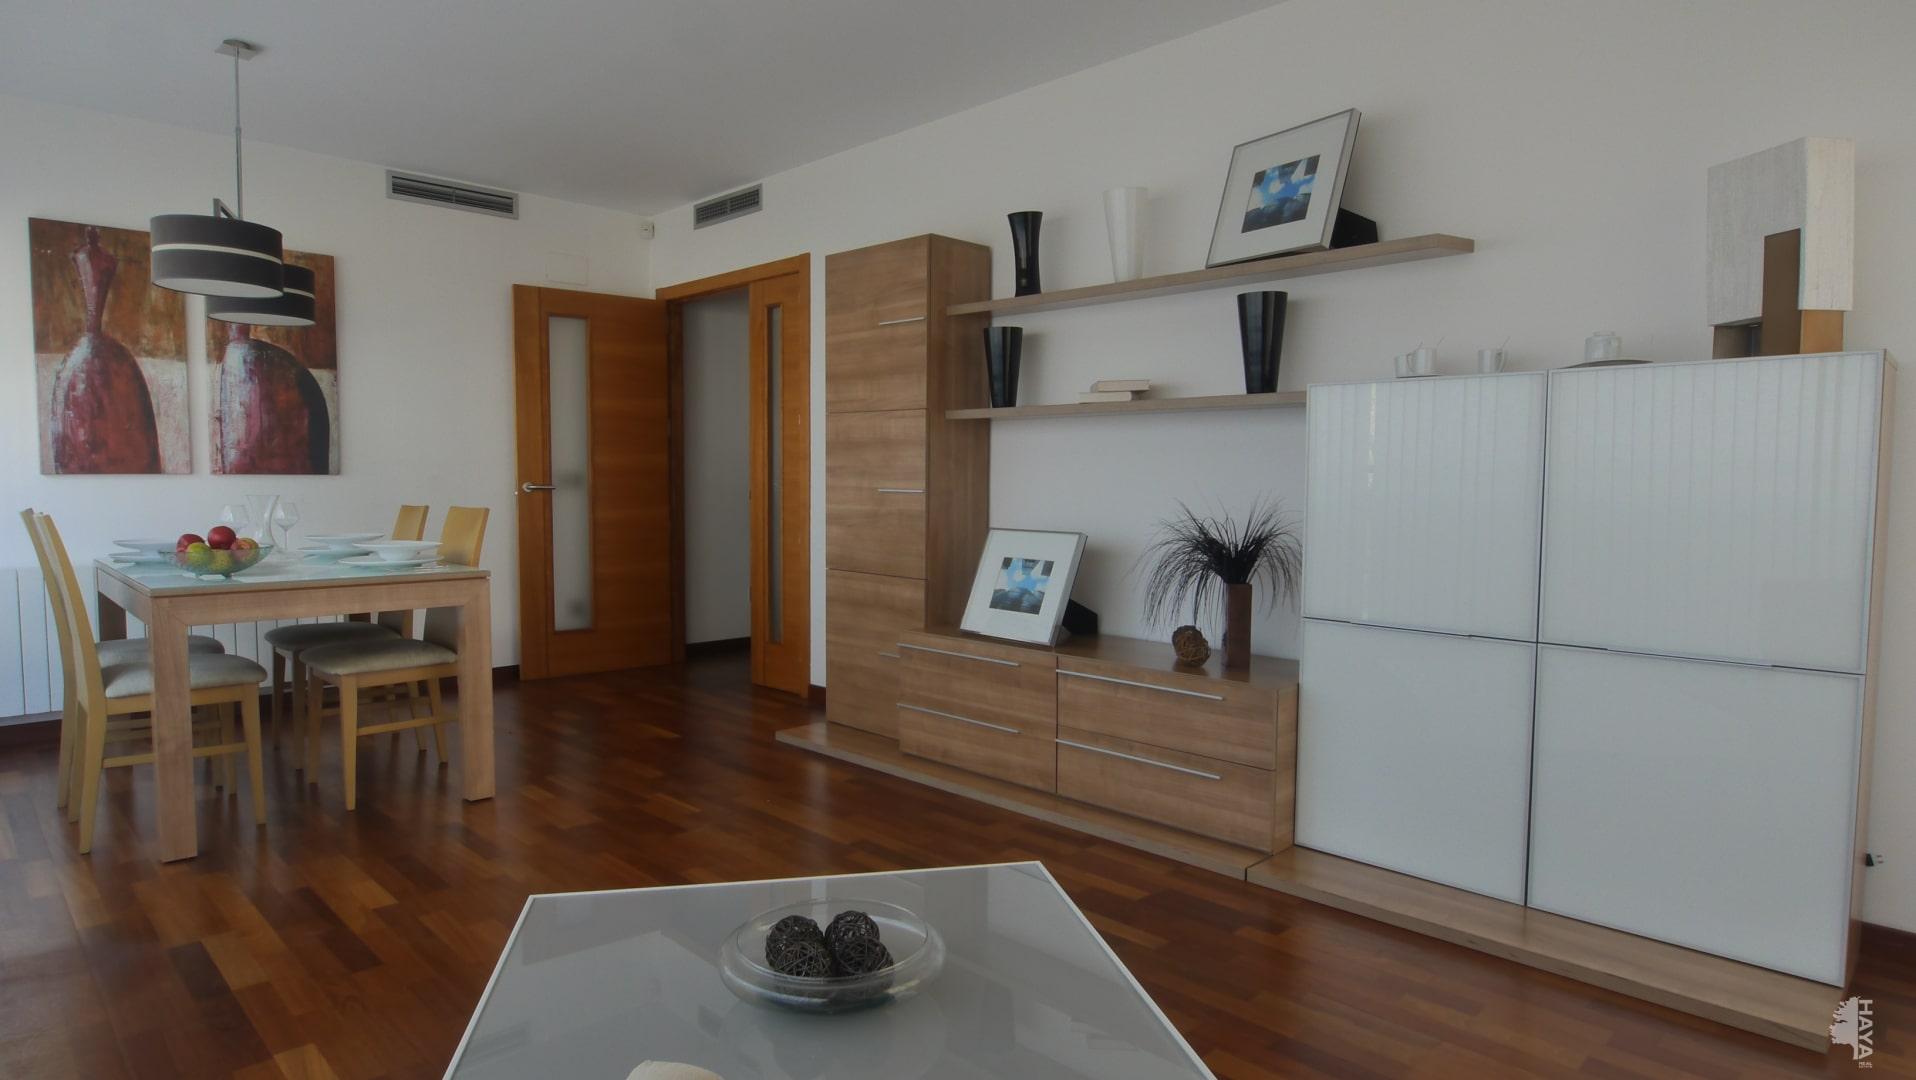 Piso en venta en Castellón de la Plana/castelló de la Plana, Castellón, Avenida Villarreal, 107.000 €, 1 habitación, 1 baño, 55 m2